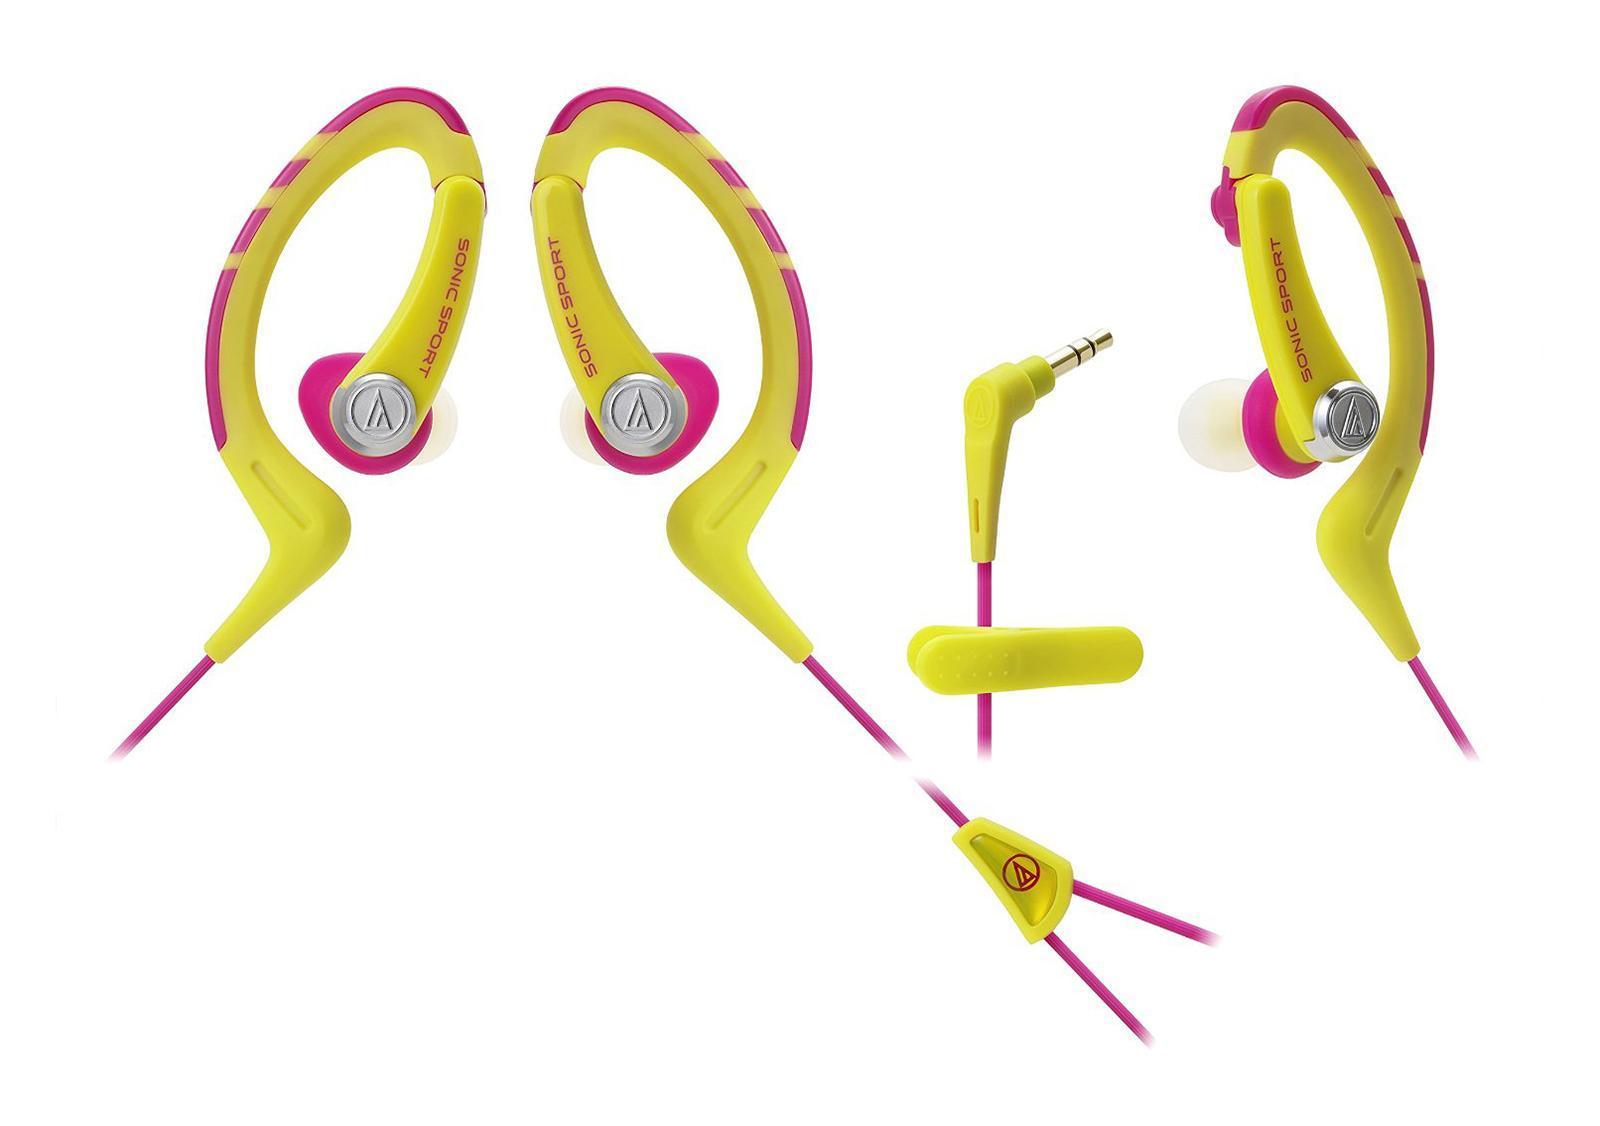 Audio-Technica ATH-Sport1, Yellow наушникиATH-SPORT1 YPНаушники-аксессуар, идеальны для занятий спортом Удобное гибкое резиновое крепление за ухомДолгие часы динамичного звучанияВлагозащита уровня IXP5Укороченный кабель с клипсой